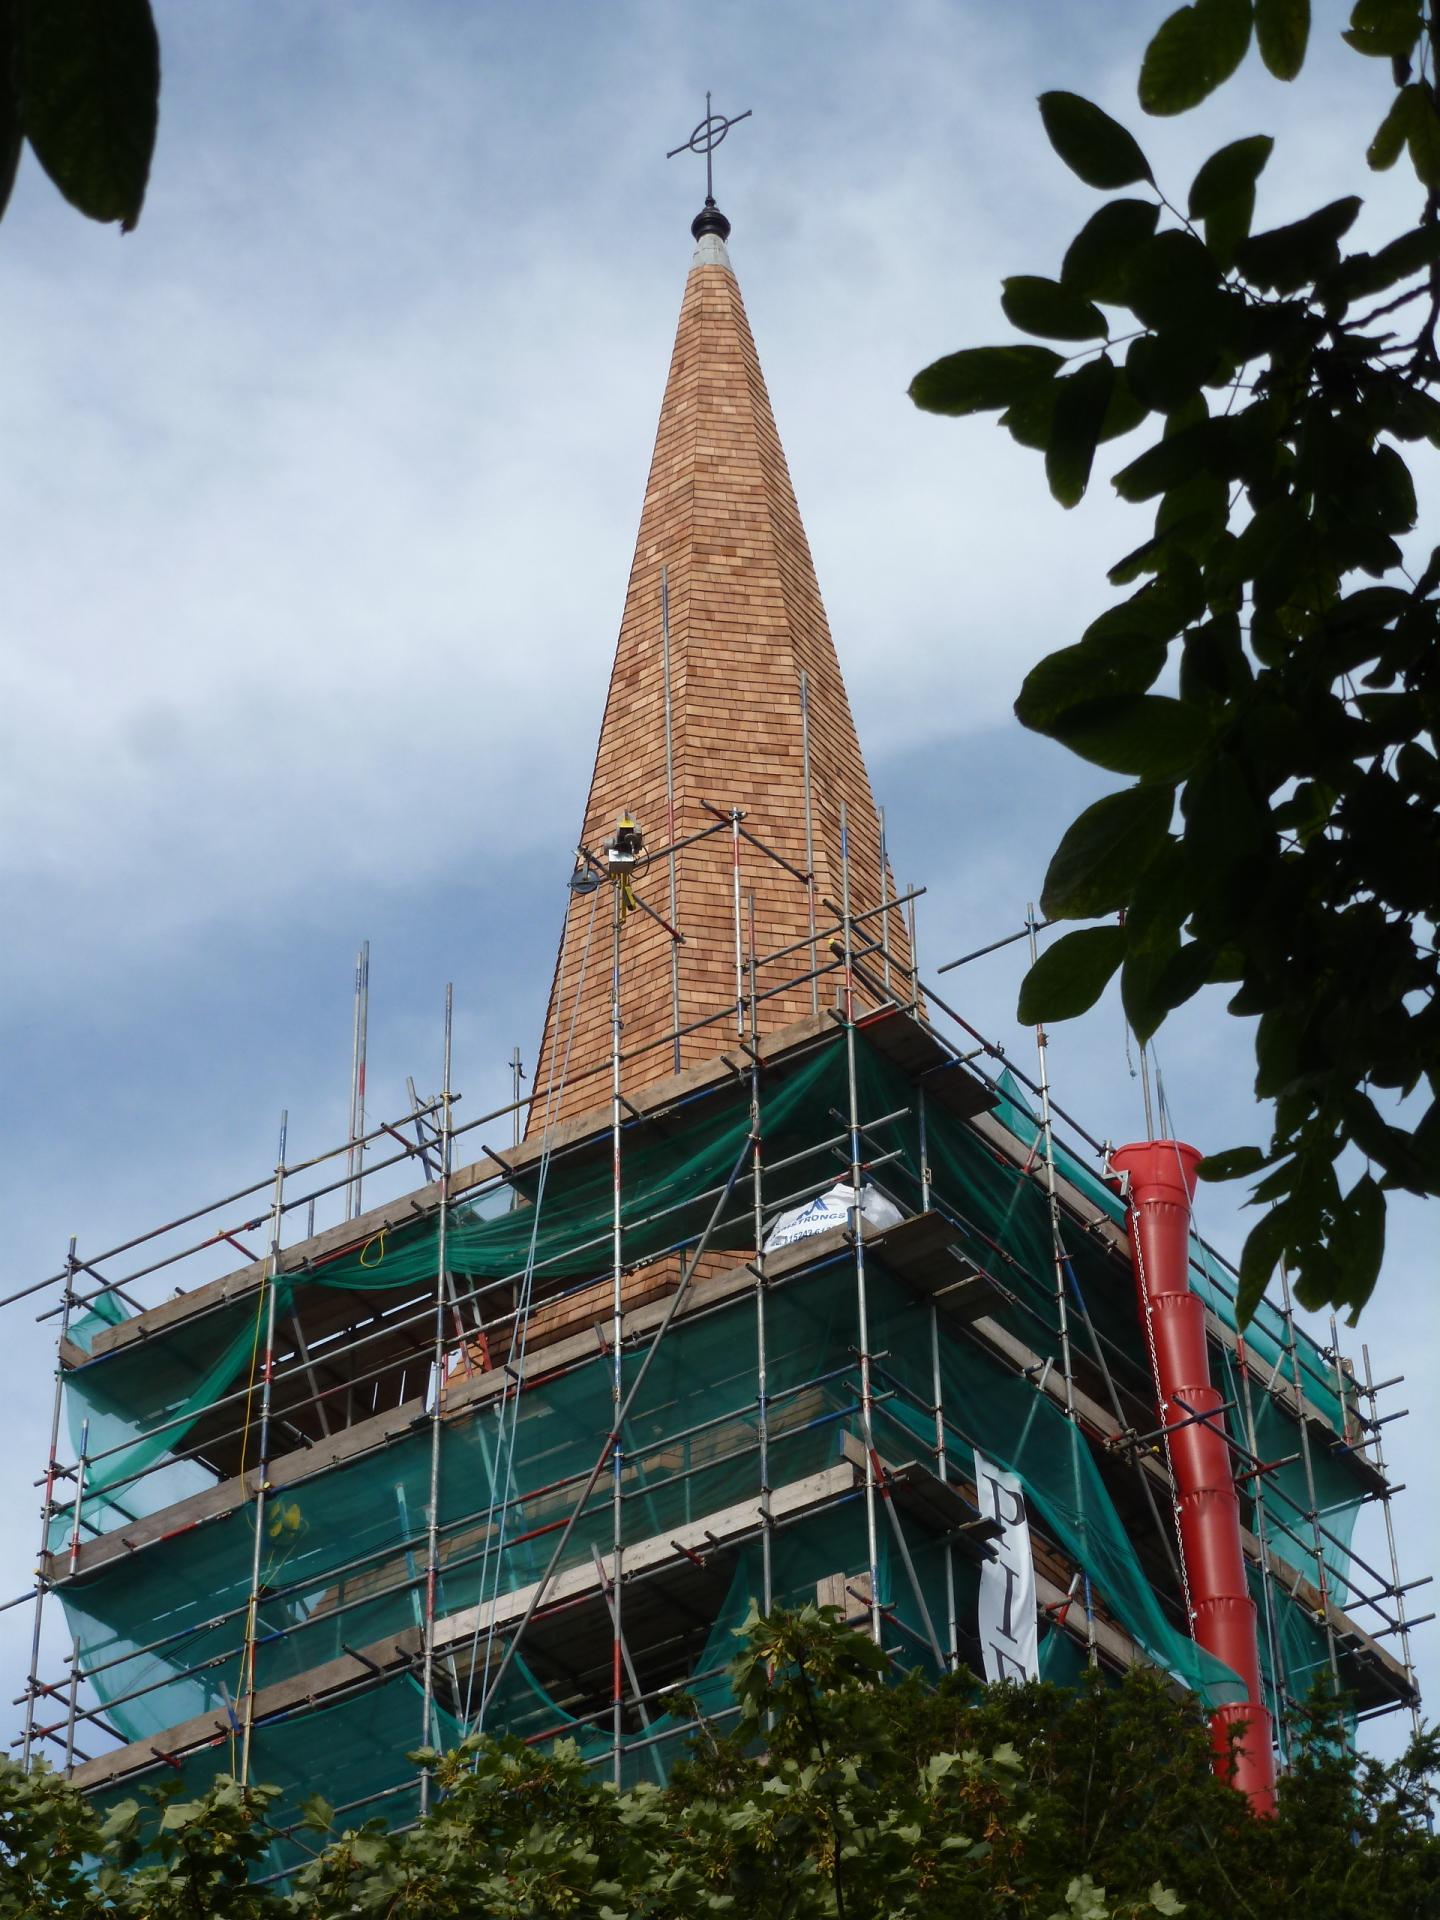 St. Botolph's, Heene, reshingled spire 7.8.16